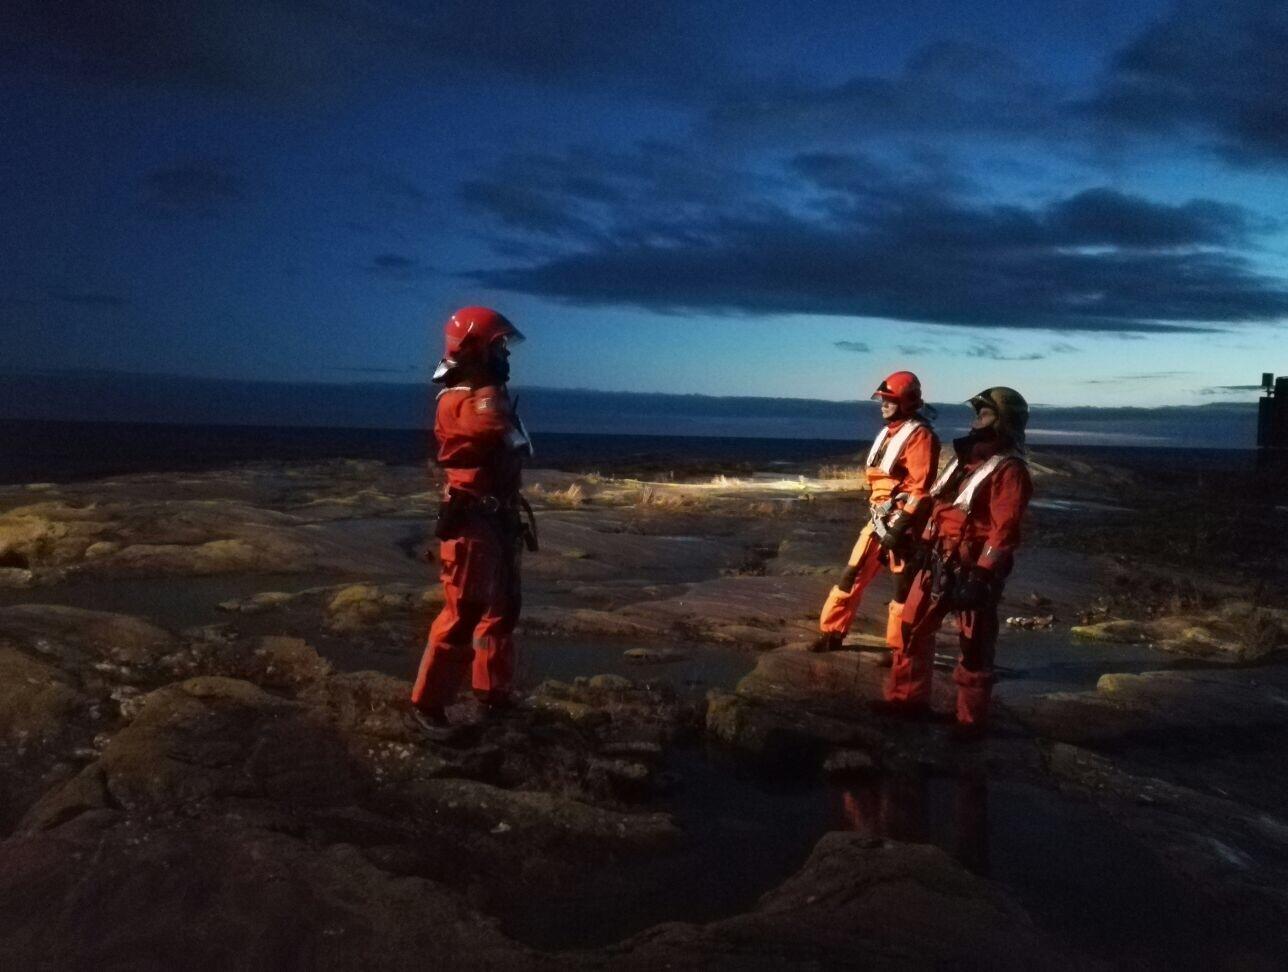 Tämäkin kuva löytyy Helsinki Firefighters-tililtä.